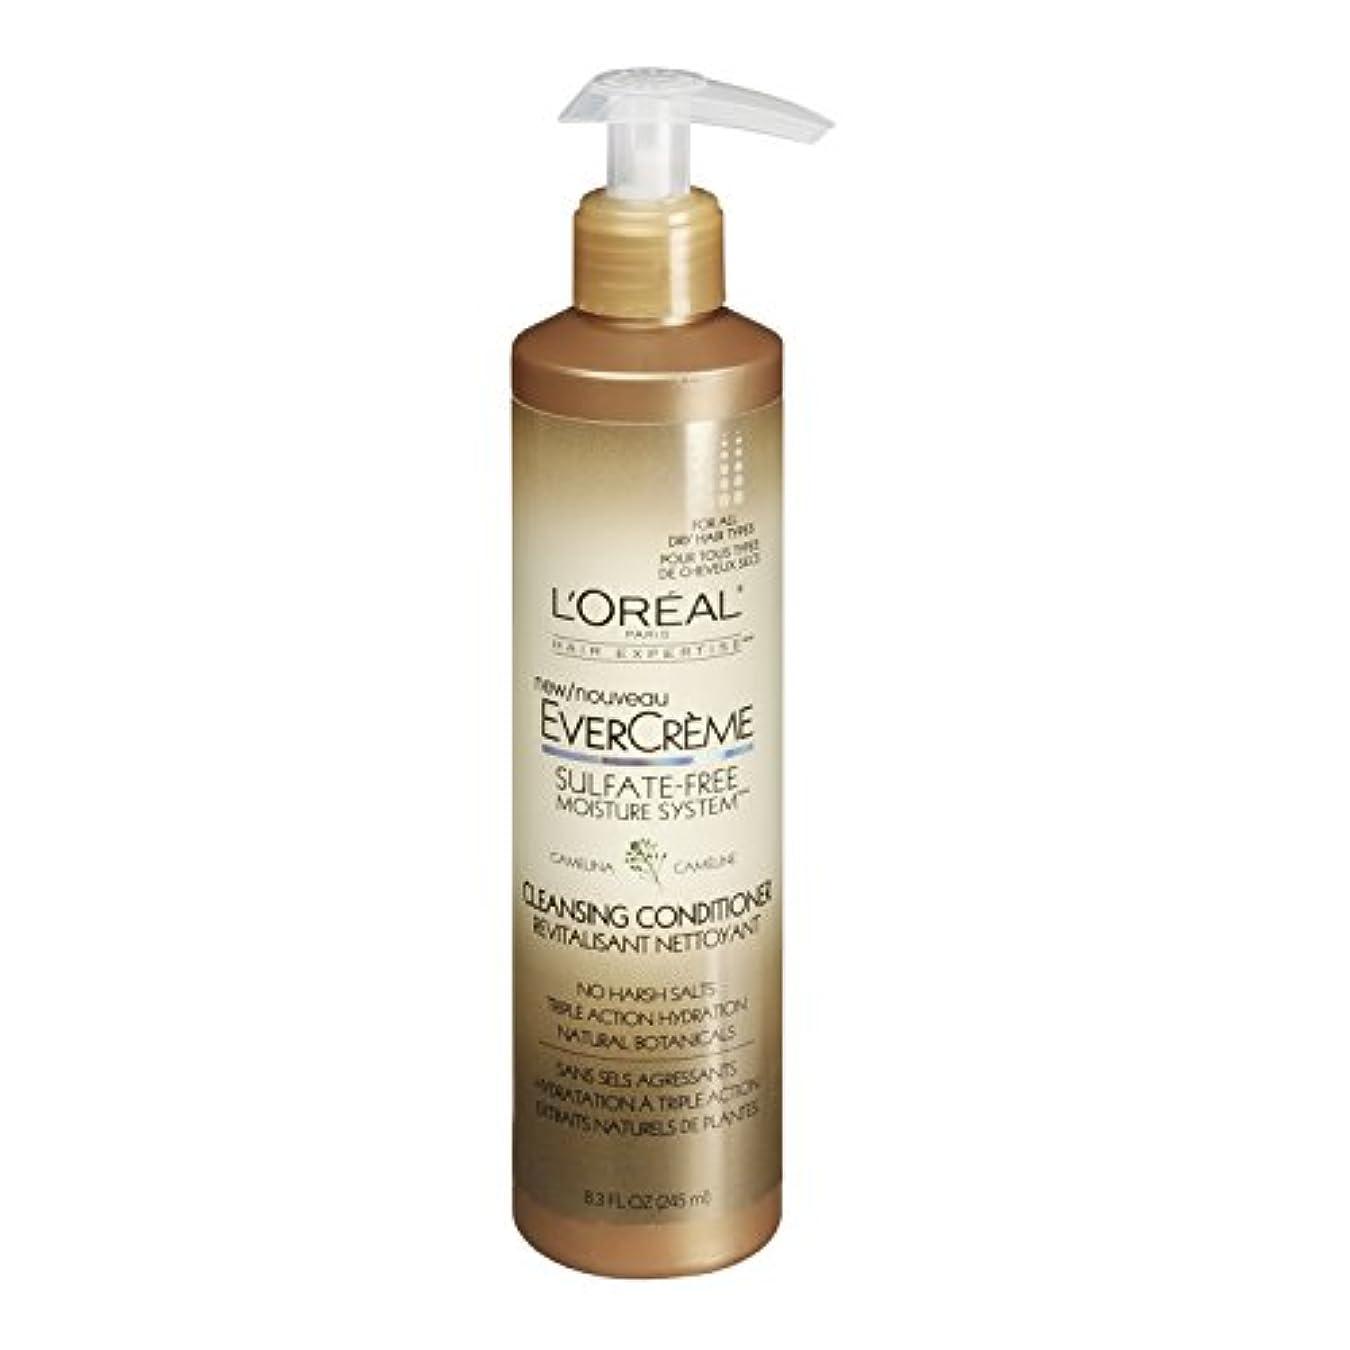 マナー十二照らすL'Oreal Paris EverCreme Sulfate-Free Moisture System Cleansing Conditioner, 8.3 fl. Oz. by L'Oreal Paris Hair...